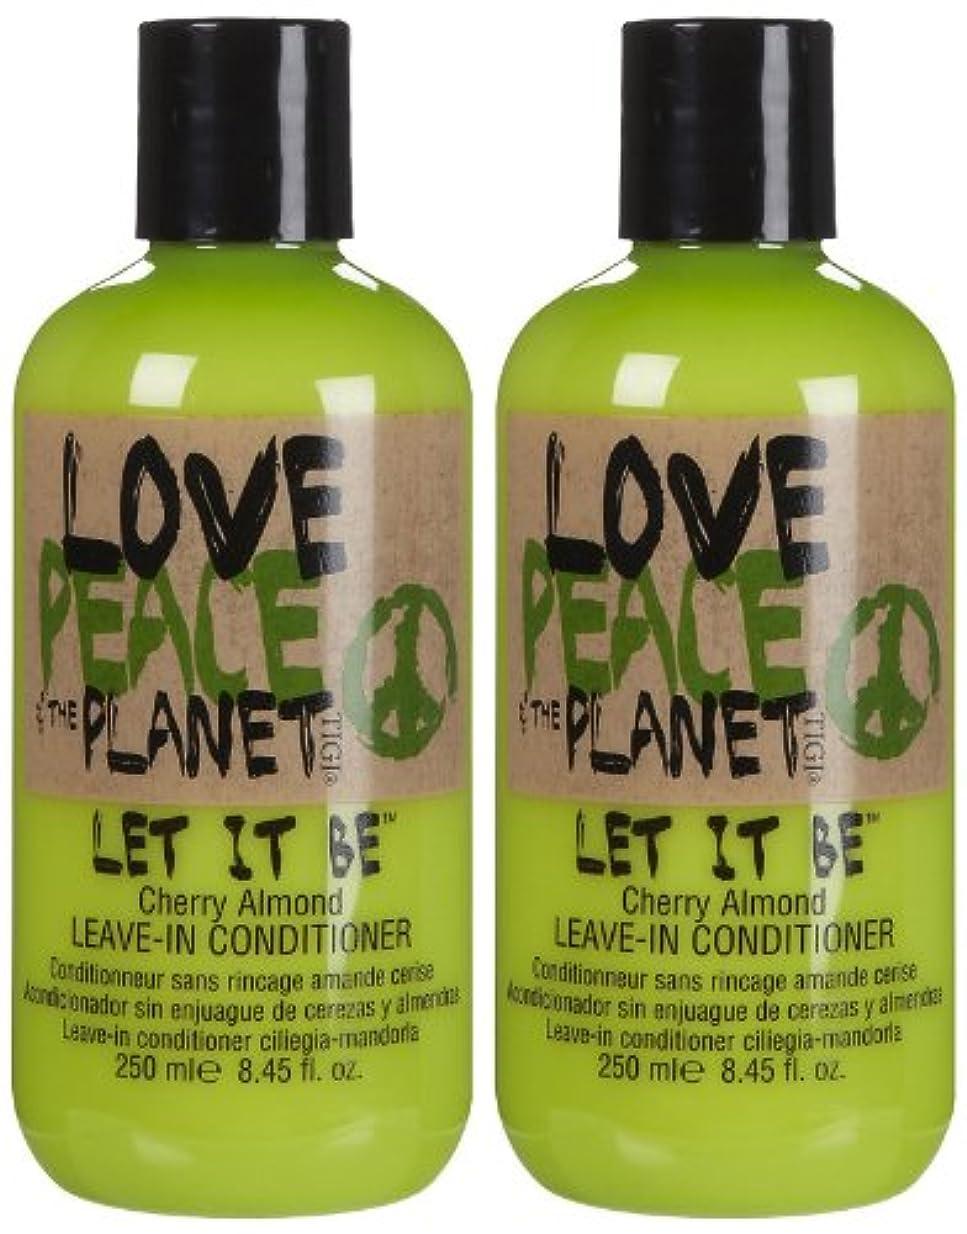 火カレッジまたねTIGI Love Peace and The Planet Let It Be Cherry Almond Leave-in Conditioner 250 ml (並行輸入品)